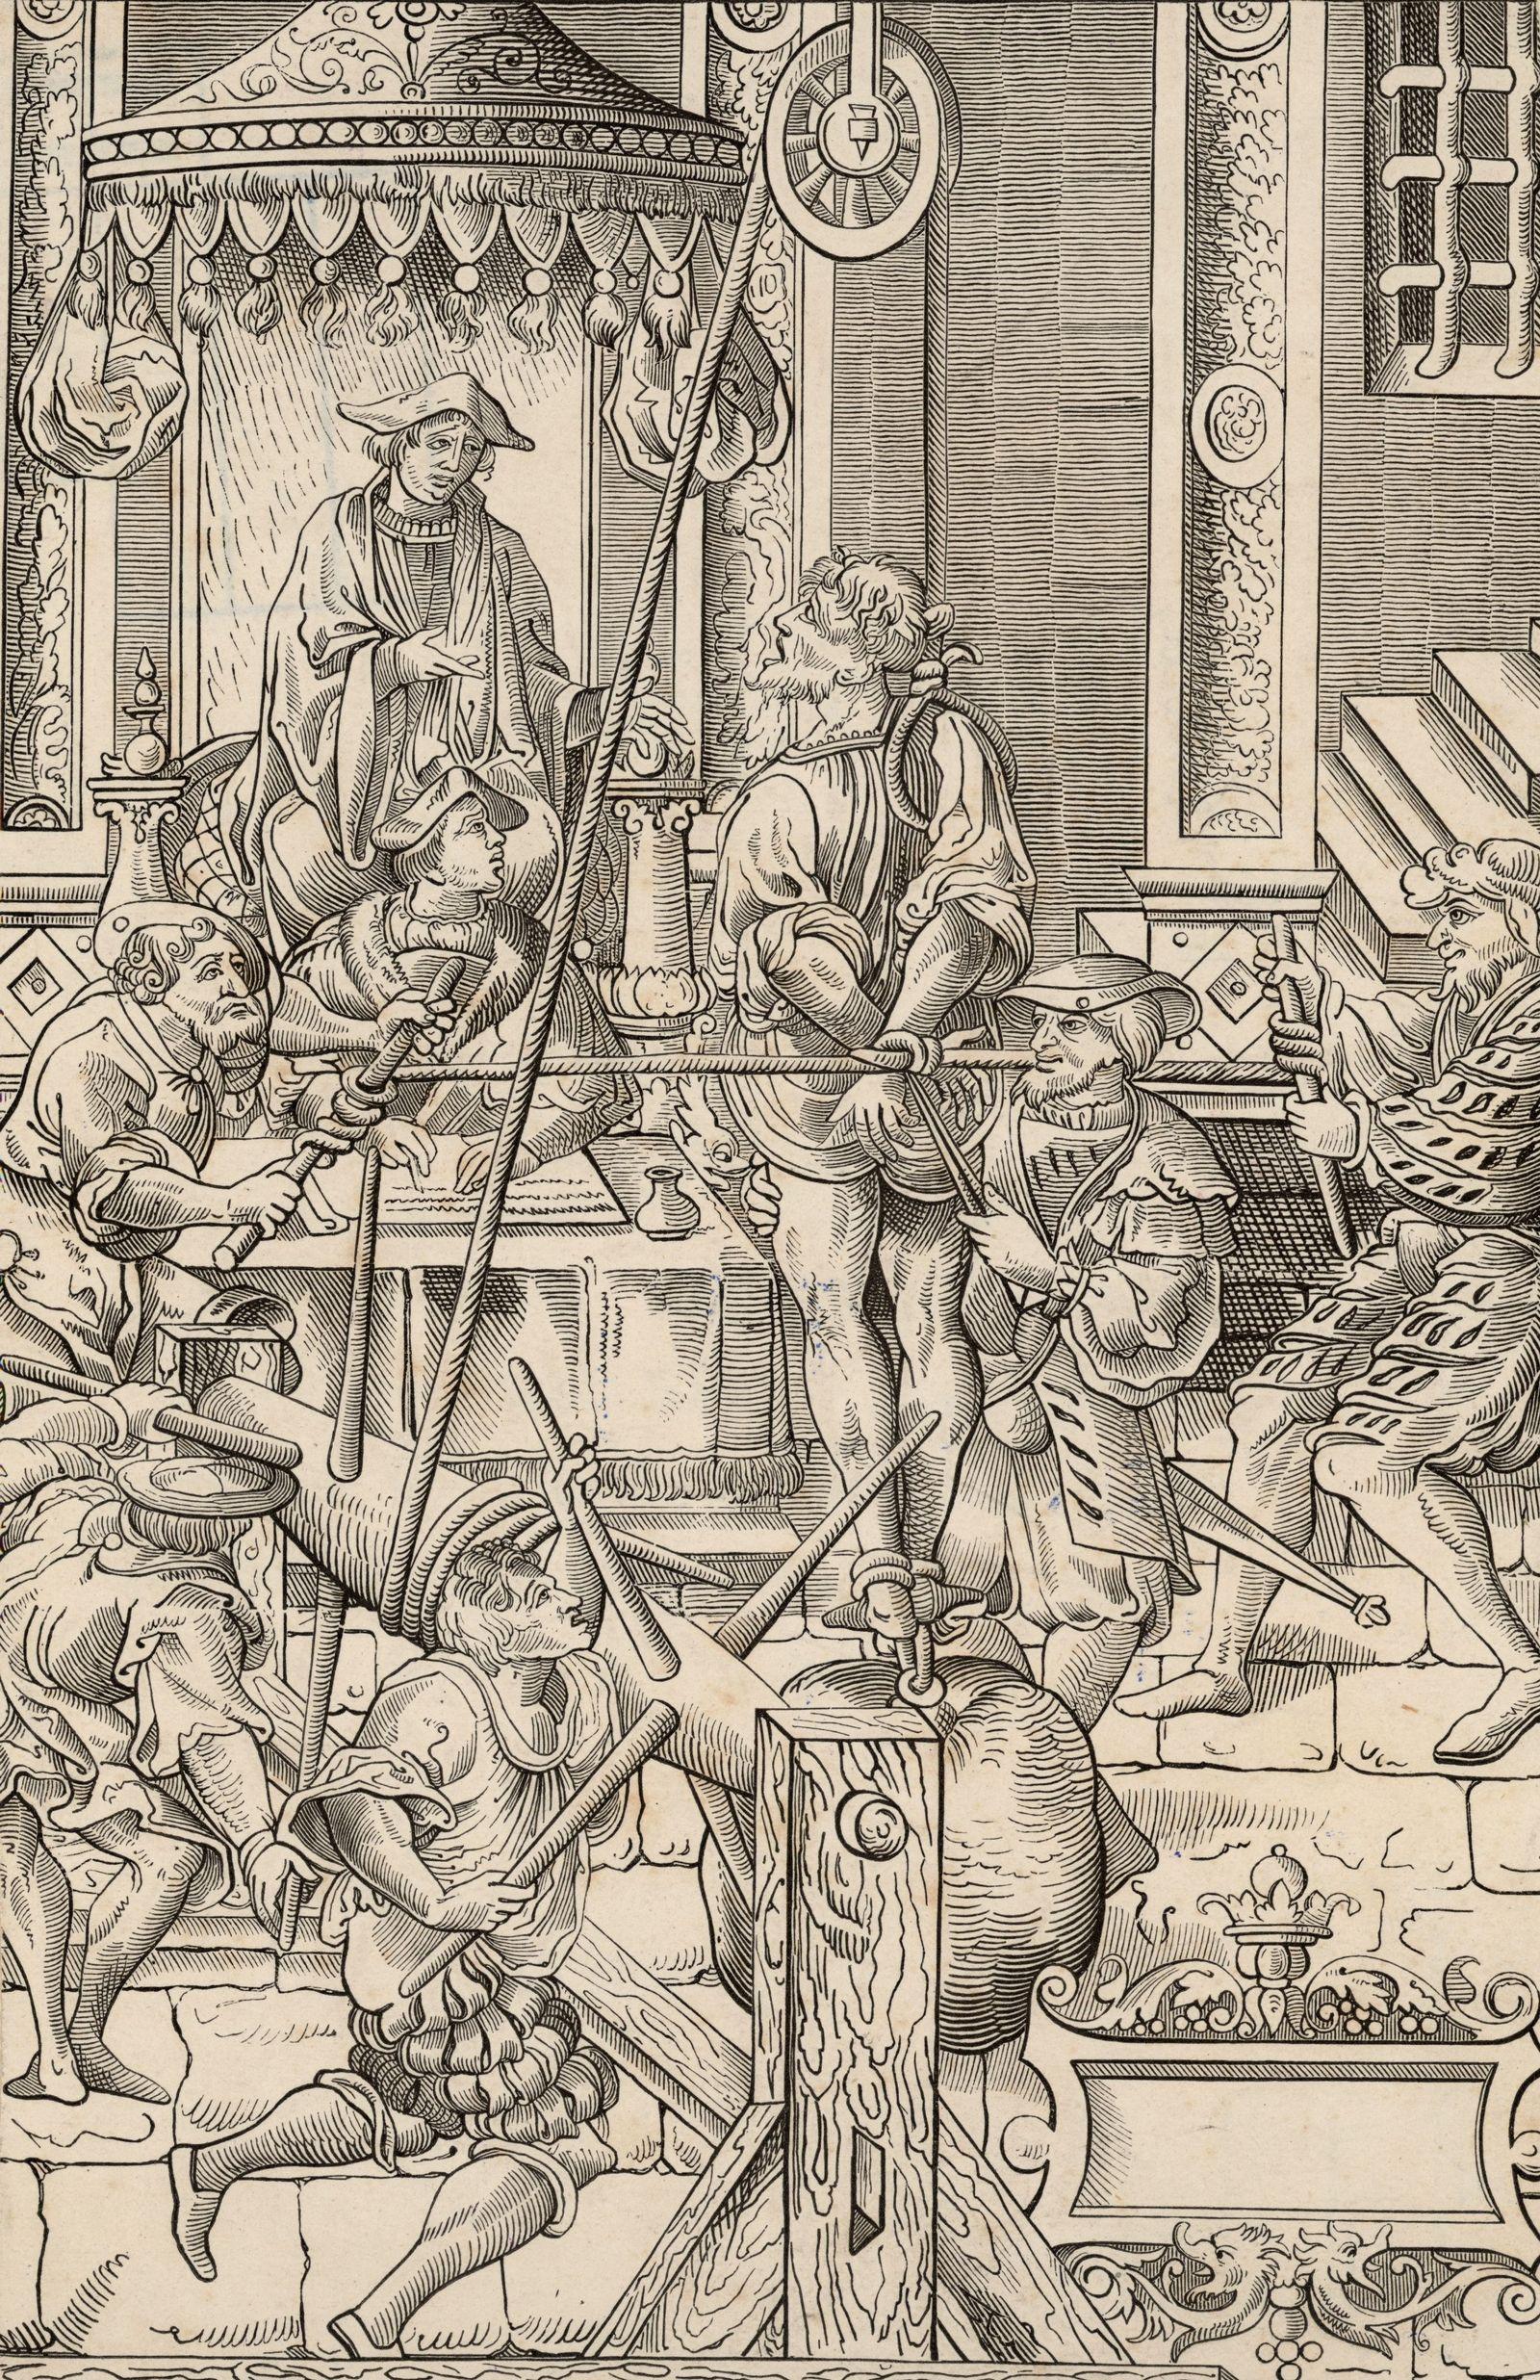 Folter/ Mittelalter